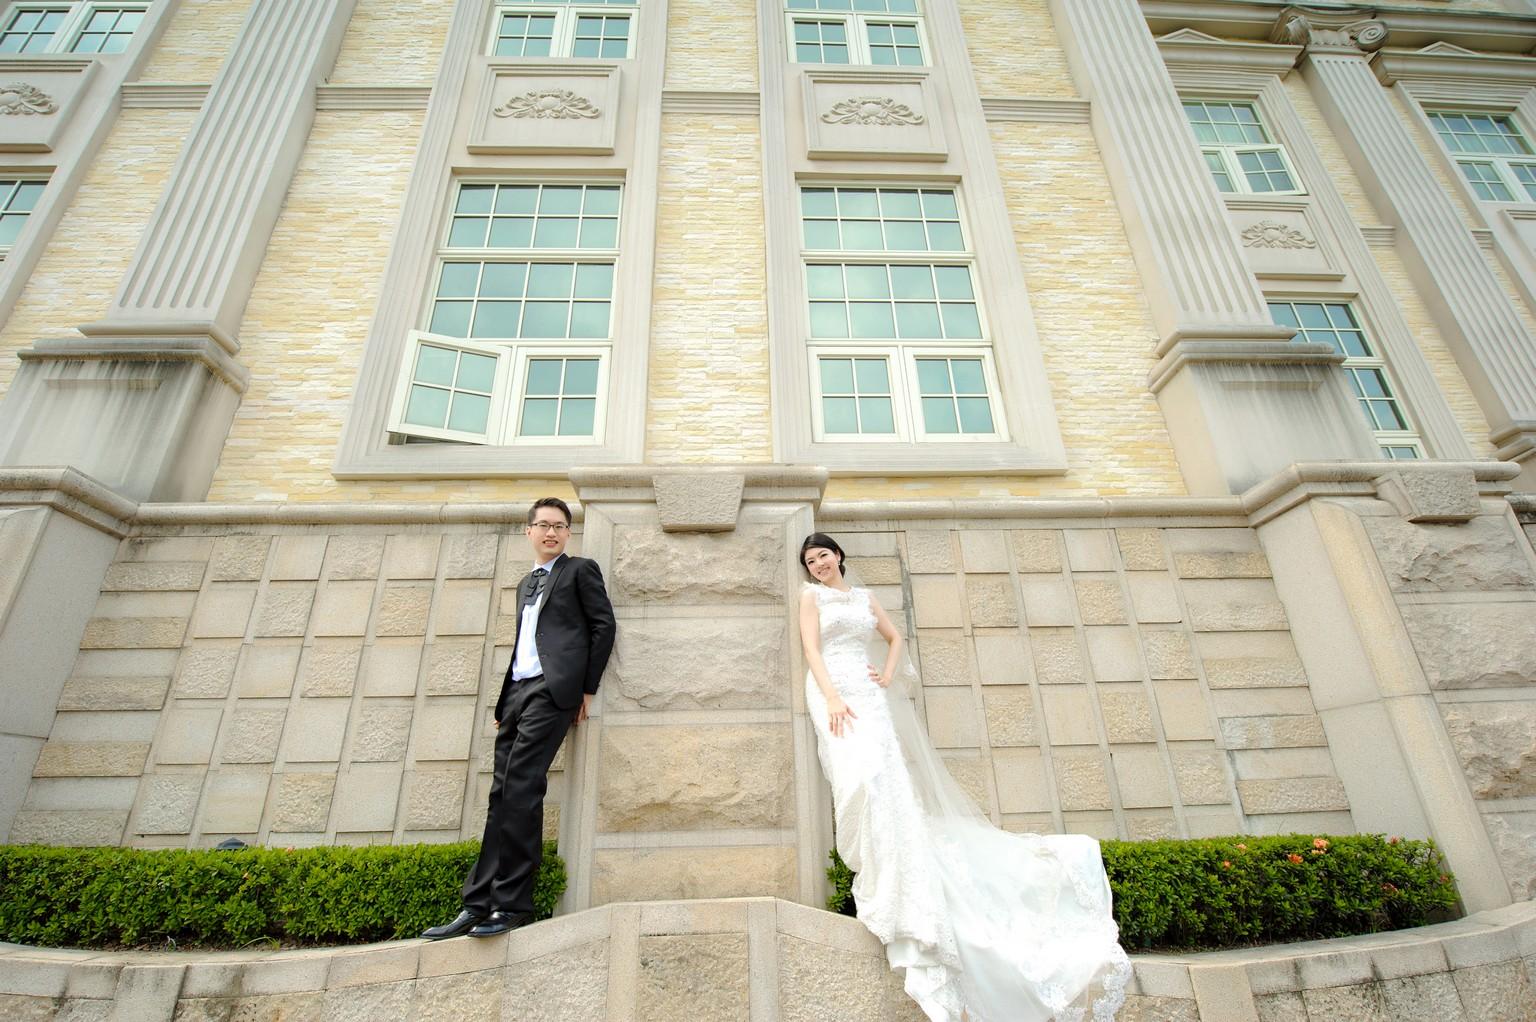 高雄婚紗照2019